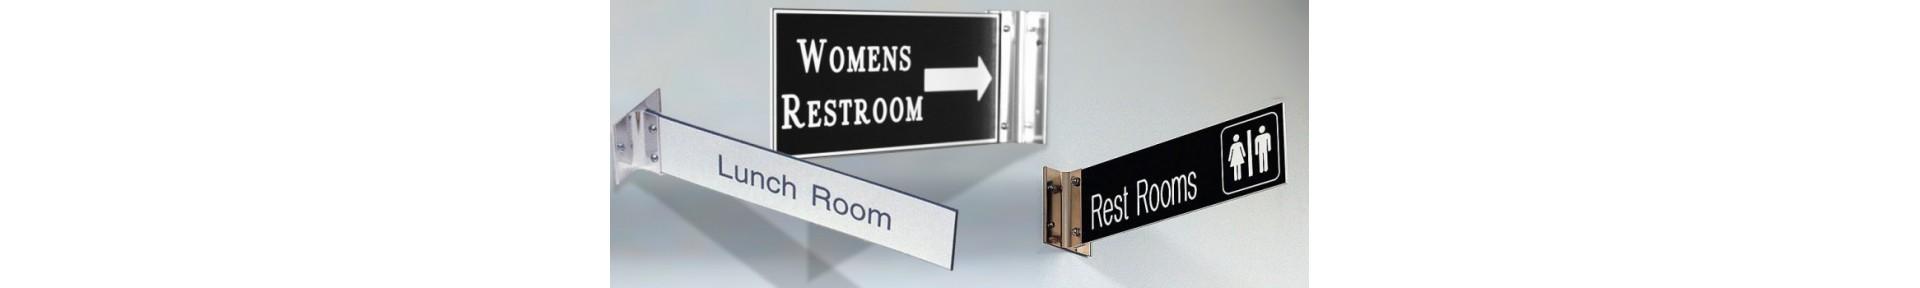 Corridor Signs Canada